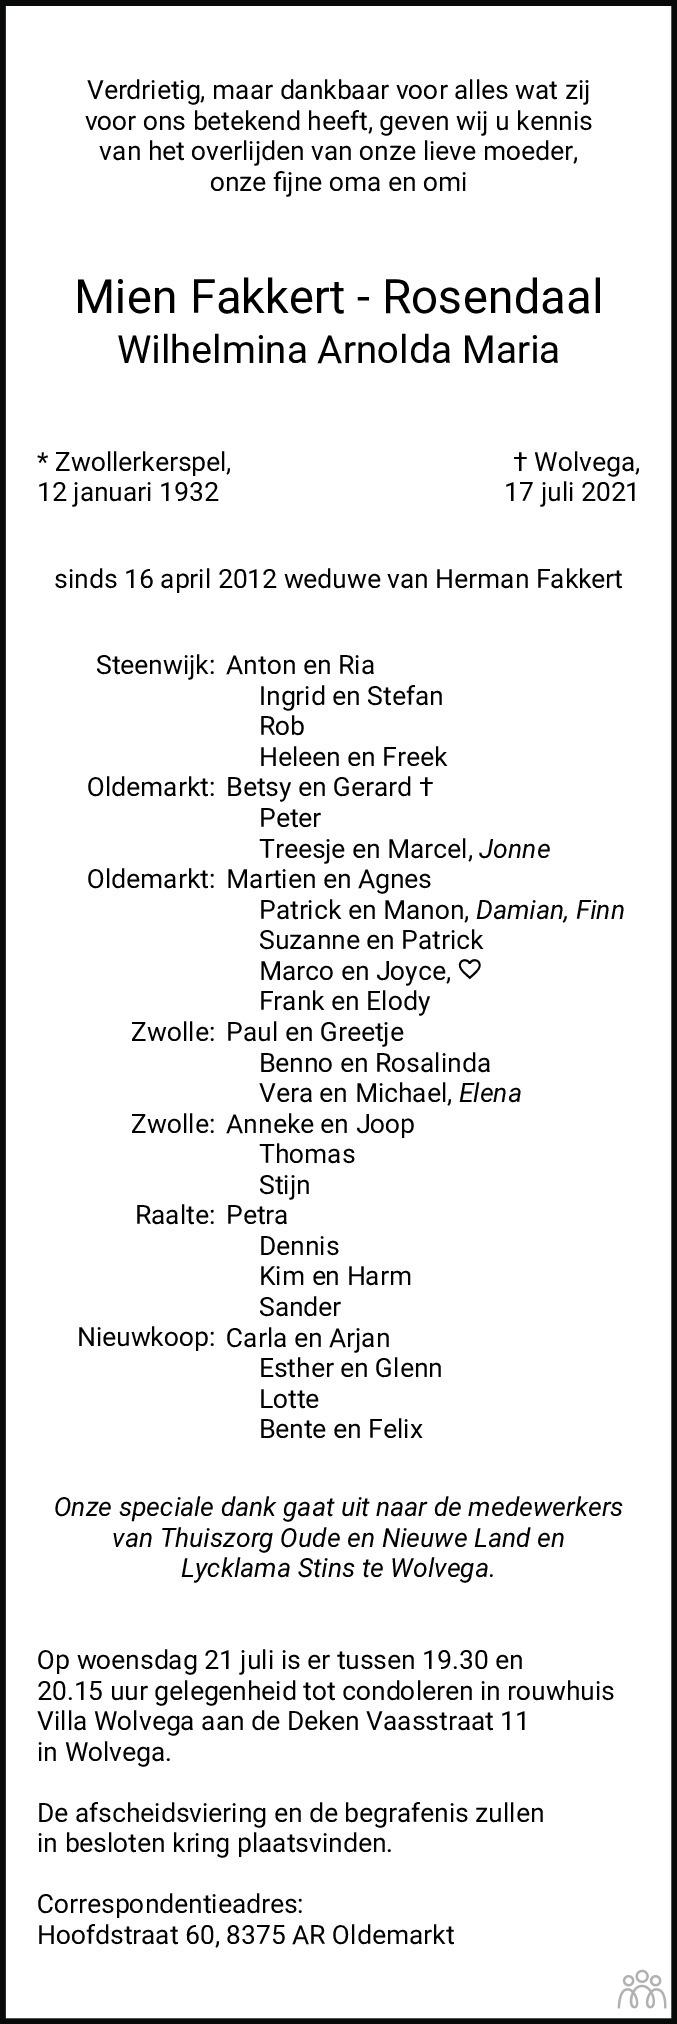 Overlijdensbericht van Mien (Wilhelmina Arnolda Maria) Fakkert-Rosendaal in Meppeler Courant